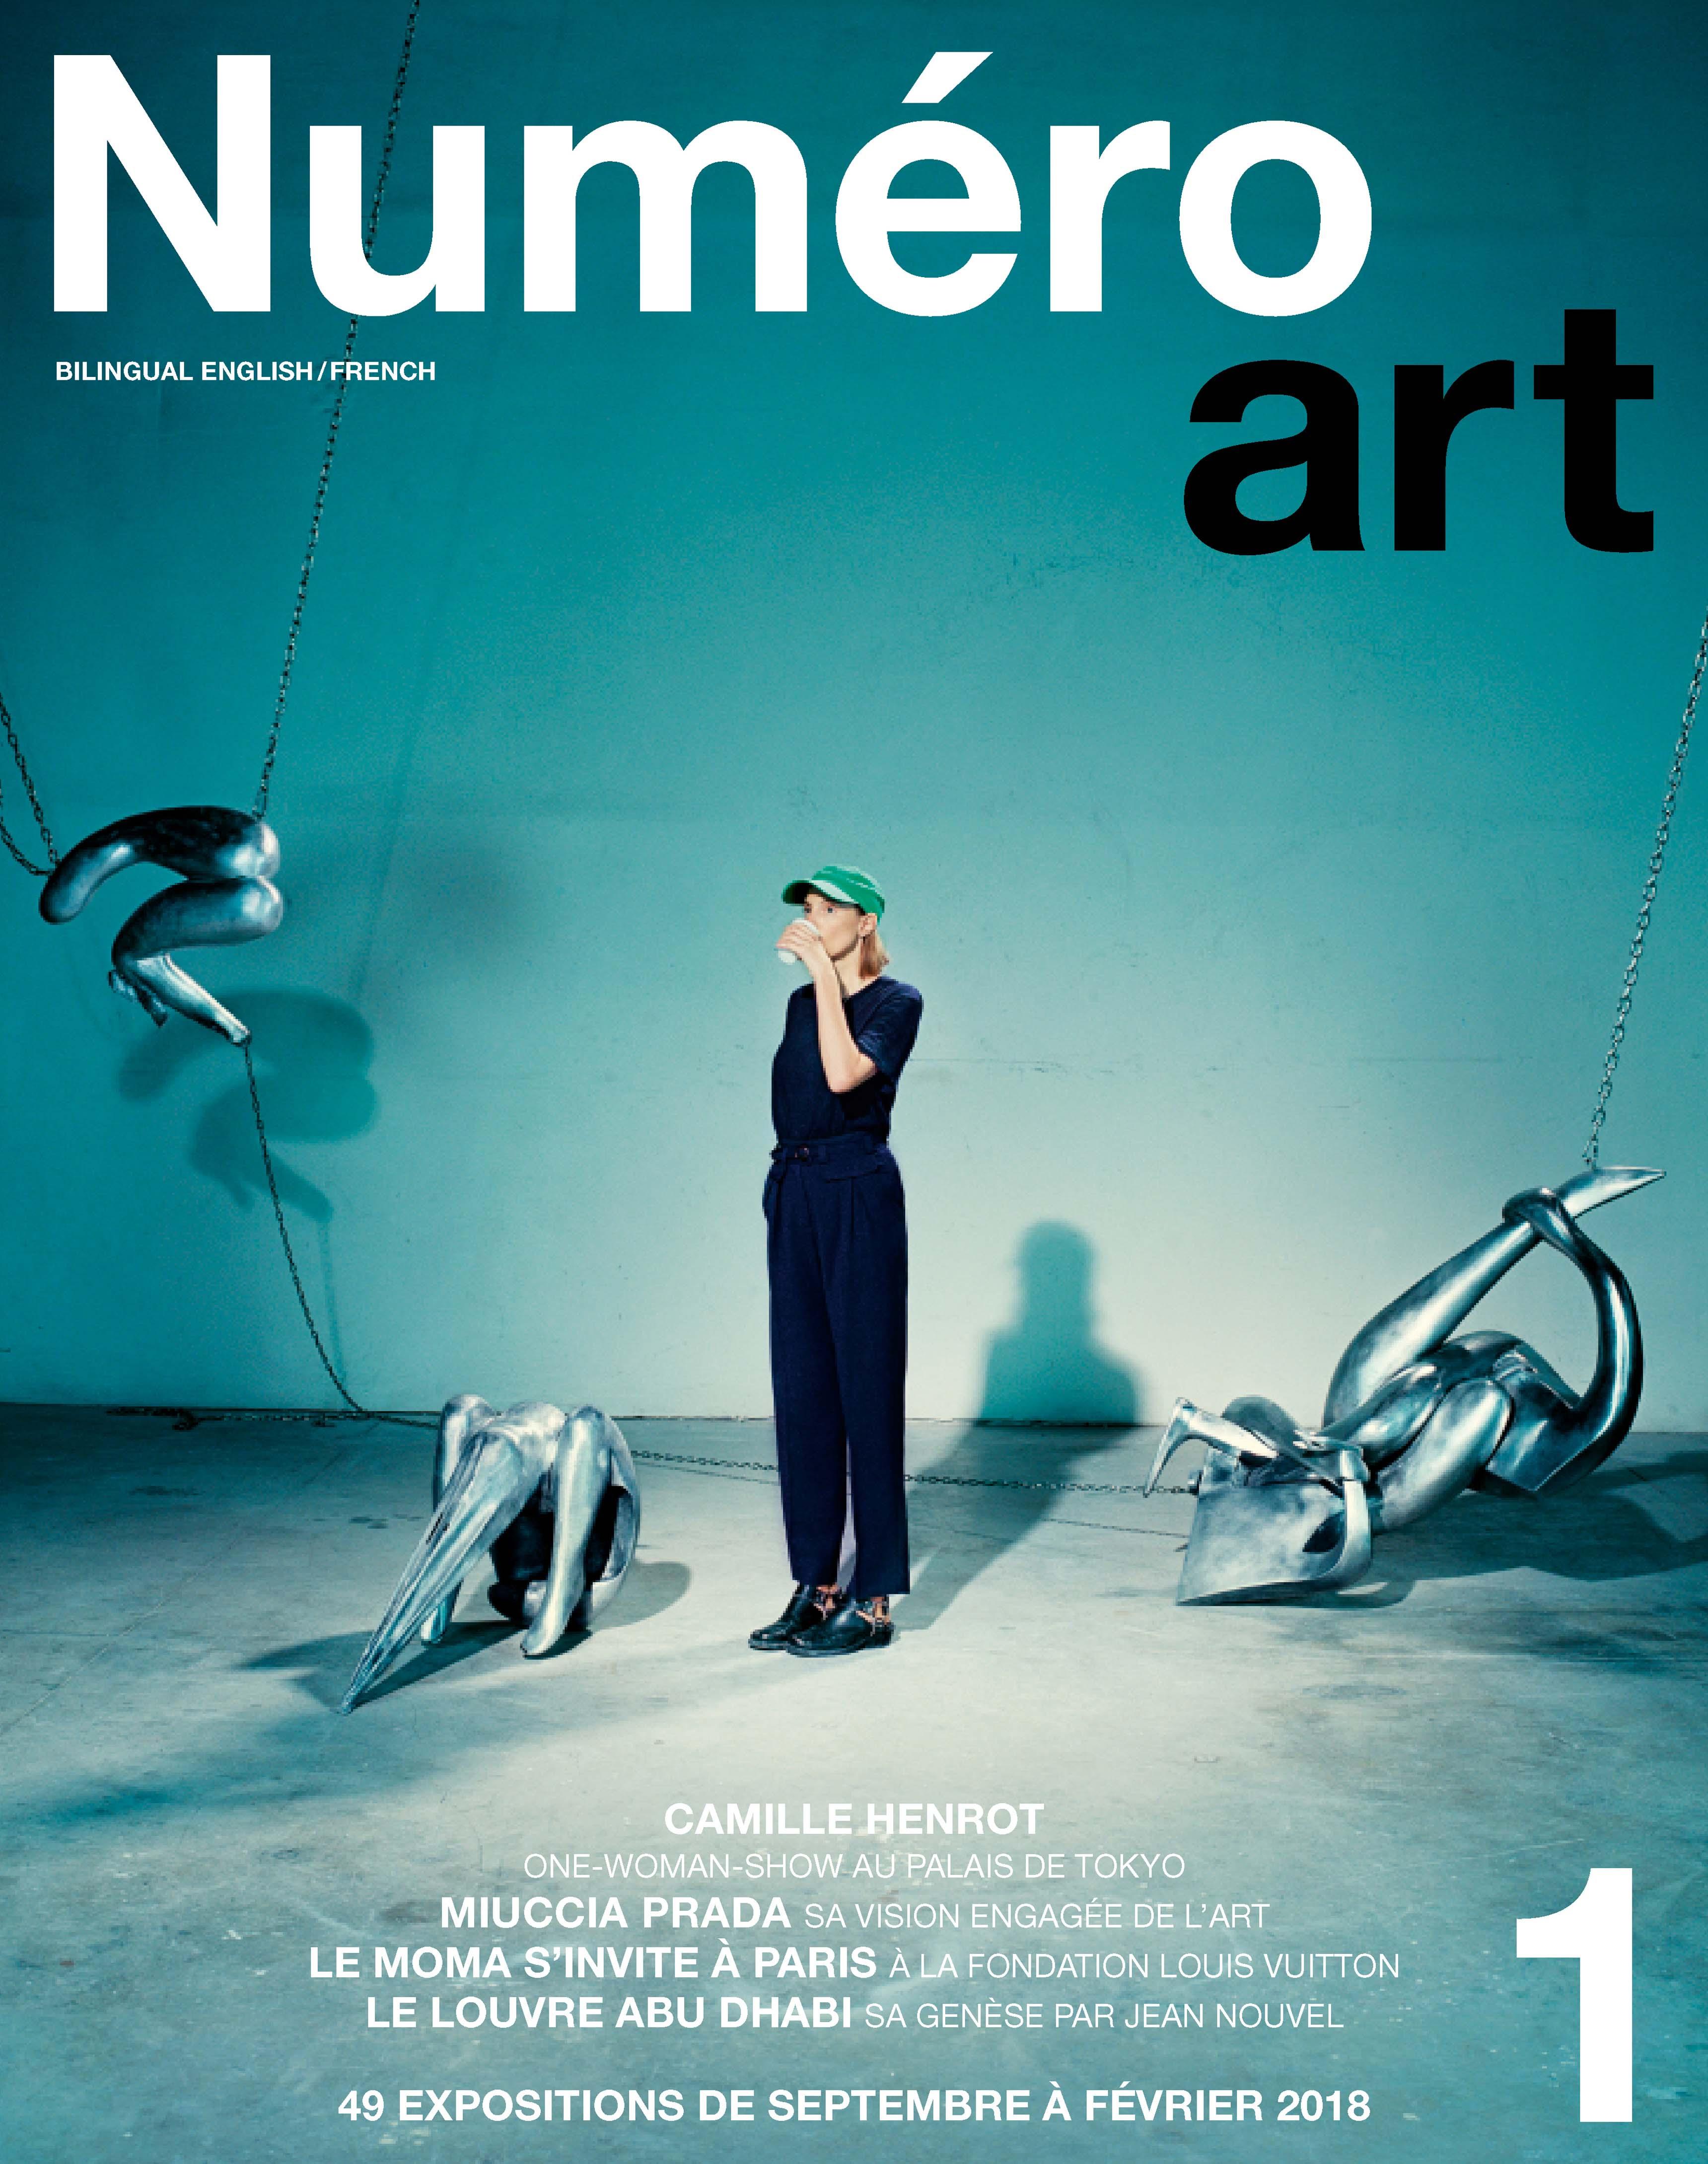 Couverture du Numéro Art, Camille Henrot par Miles Aldridge